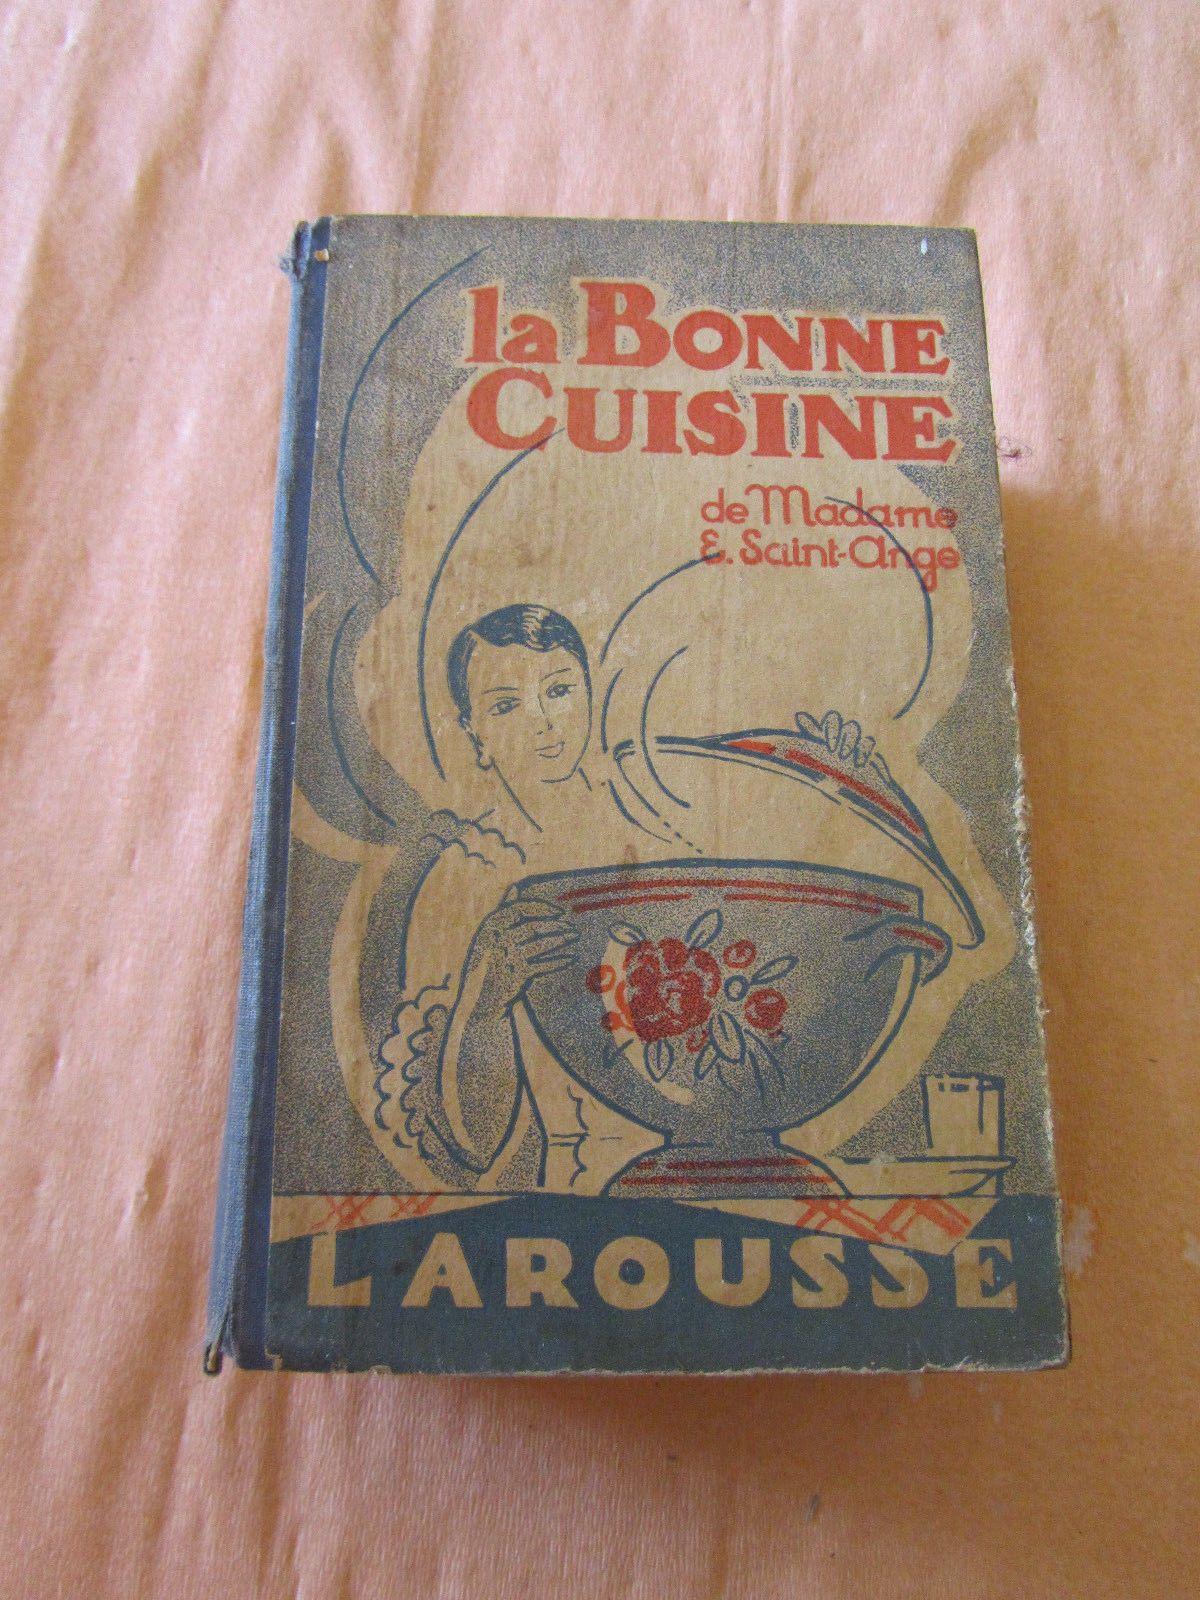 La bonne cuisine de madame saint ange 1929 edition larousse for sale eur 20 00 see photos - Edition larousse cuisine ...